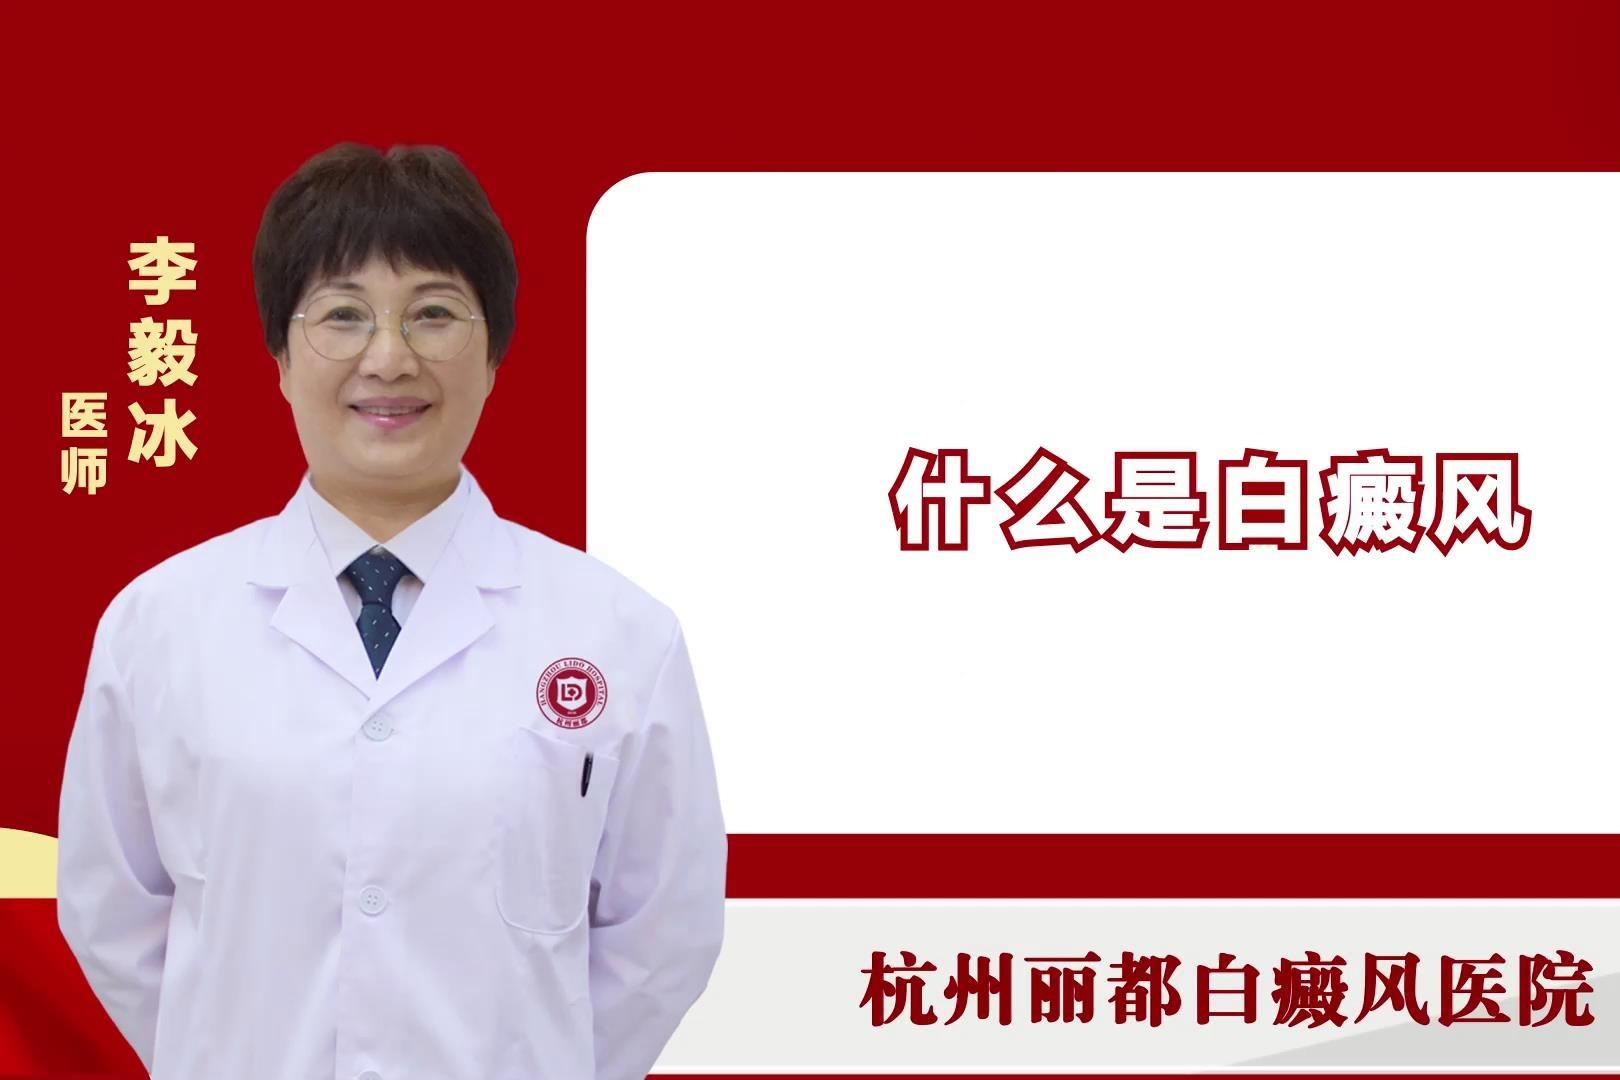 杭州丽都白癜风医院李毅冰医生详解:什么是白癜风